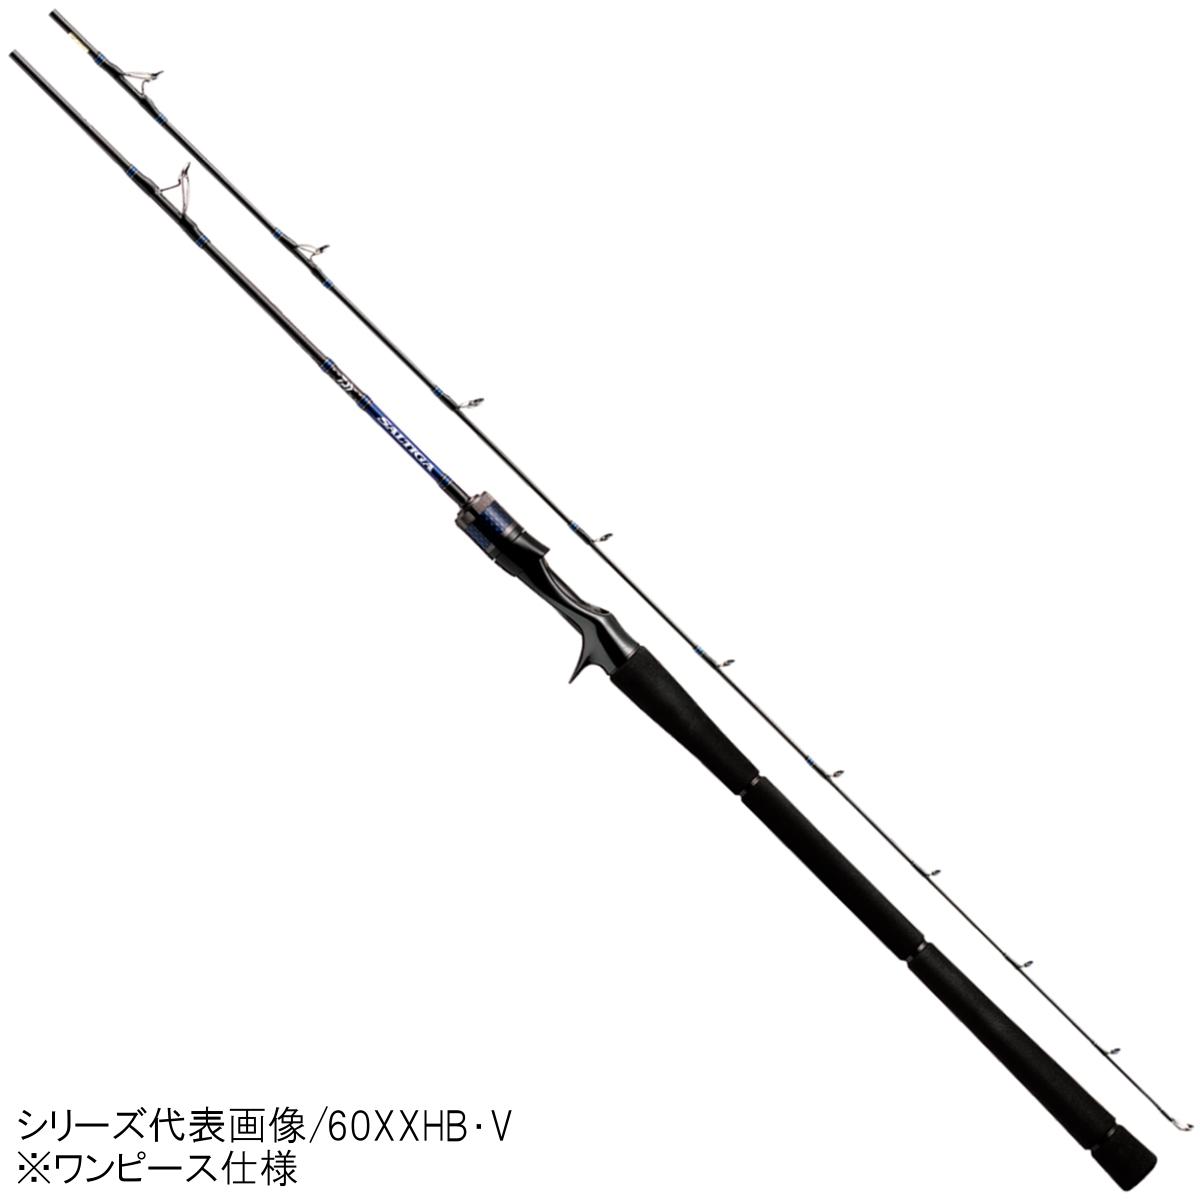 ダイワ ソルティガ BJ ハイレスポンス 62HB・V【大型商品】(東日本店)